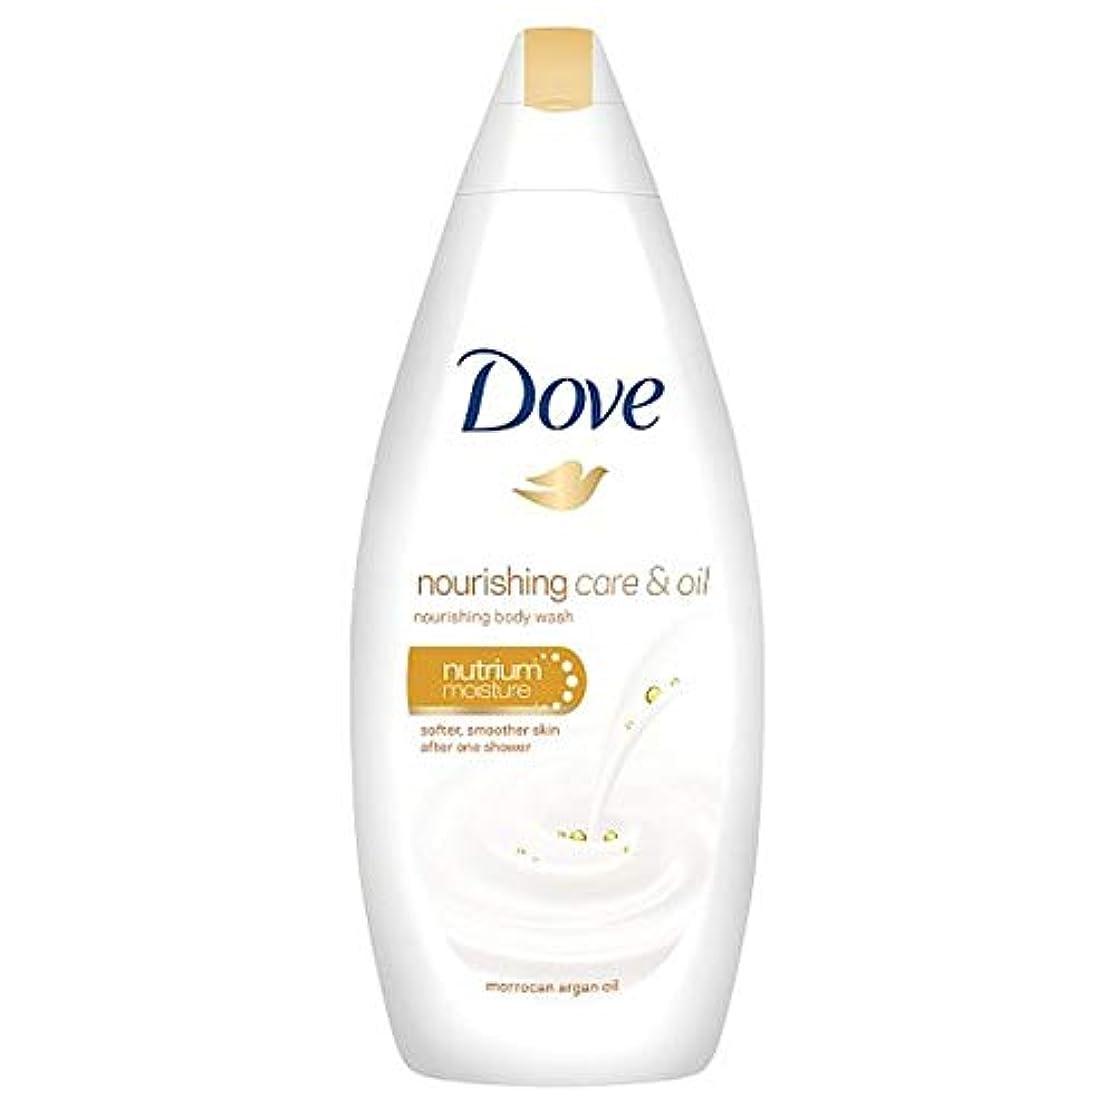 市区町村クラシカル足枷[Dove] 鳩栄養ケアとオイルボディウォッシュ250ミリリットル - Dove Nourishing Care And Oil Body Wash 250Ml [並行輸入品]